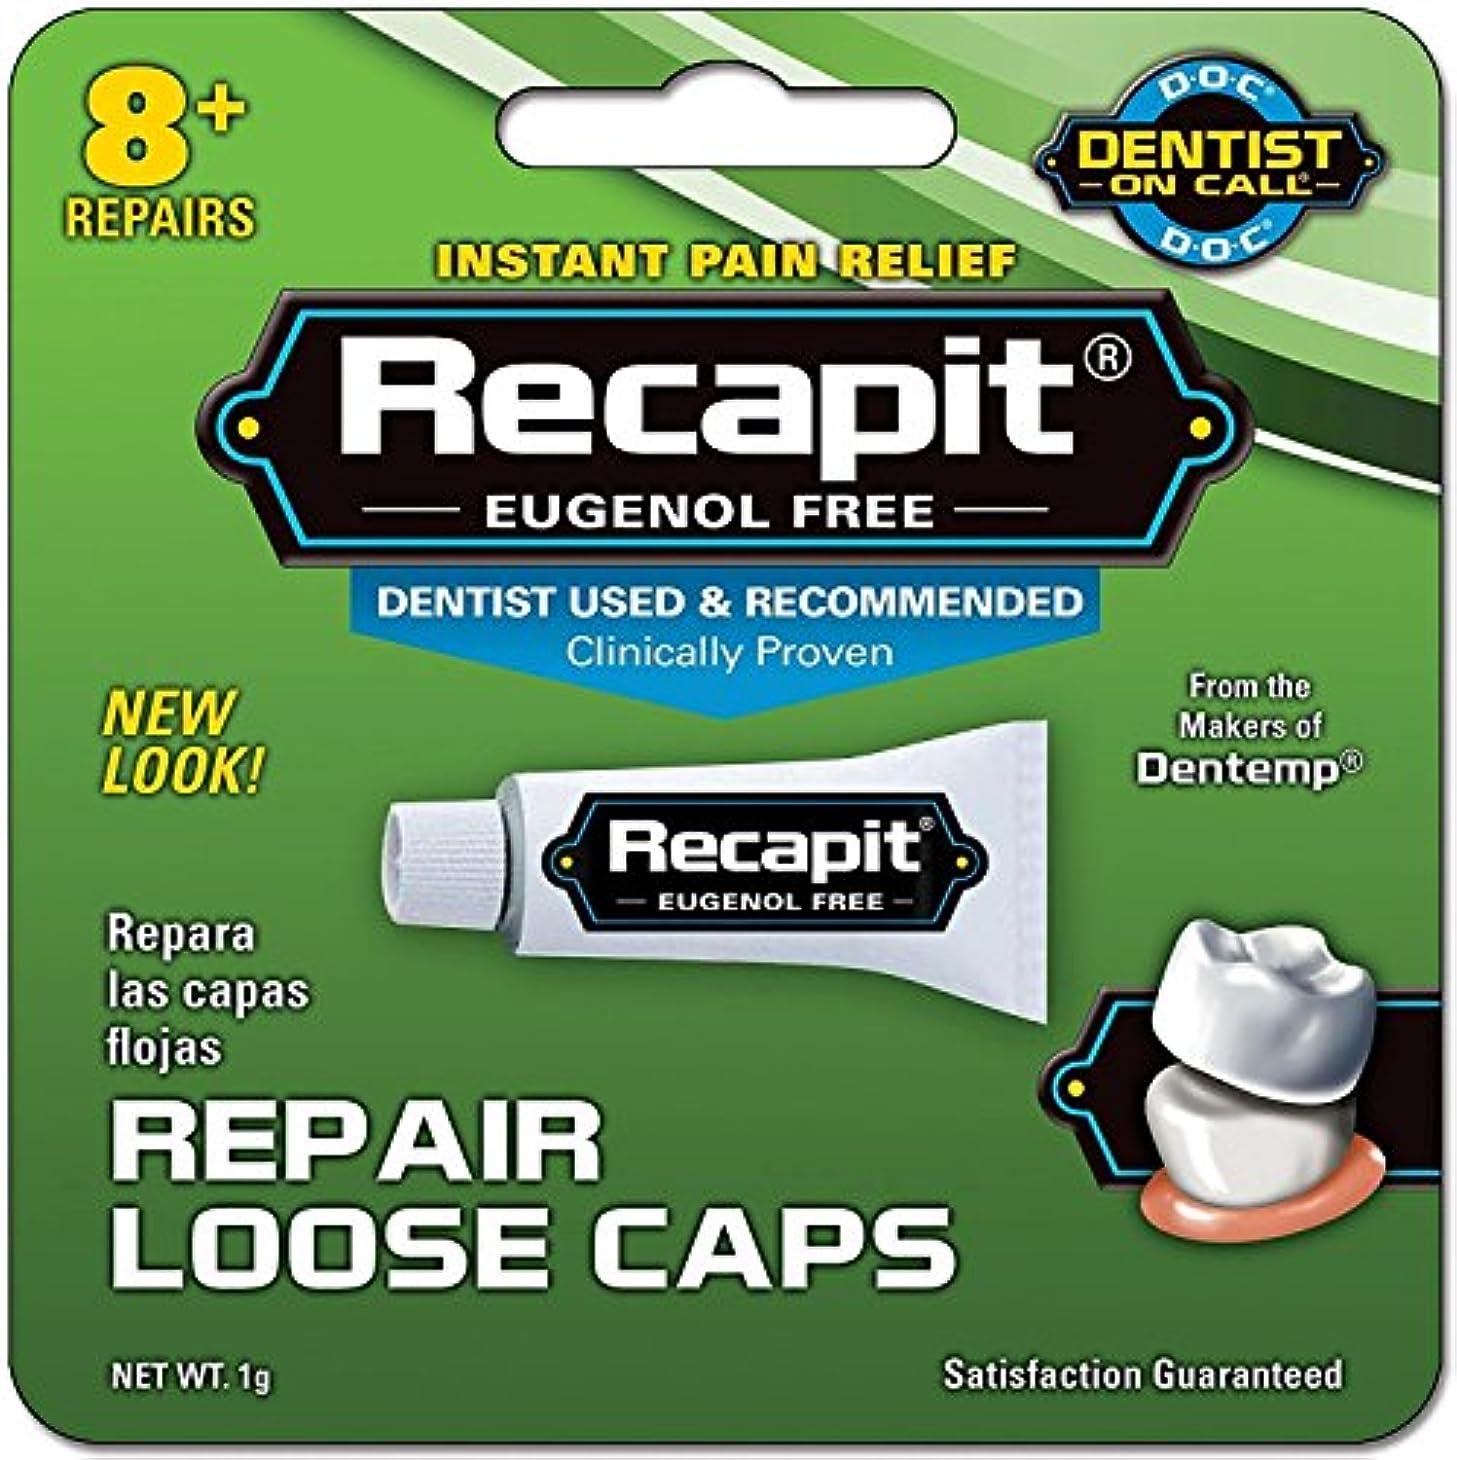 前述の交流する無傷Doc Recapitルースキャップ歯科修復 - 8つの修理、2パック